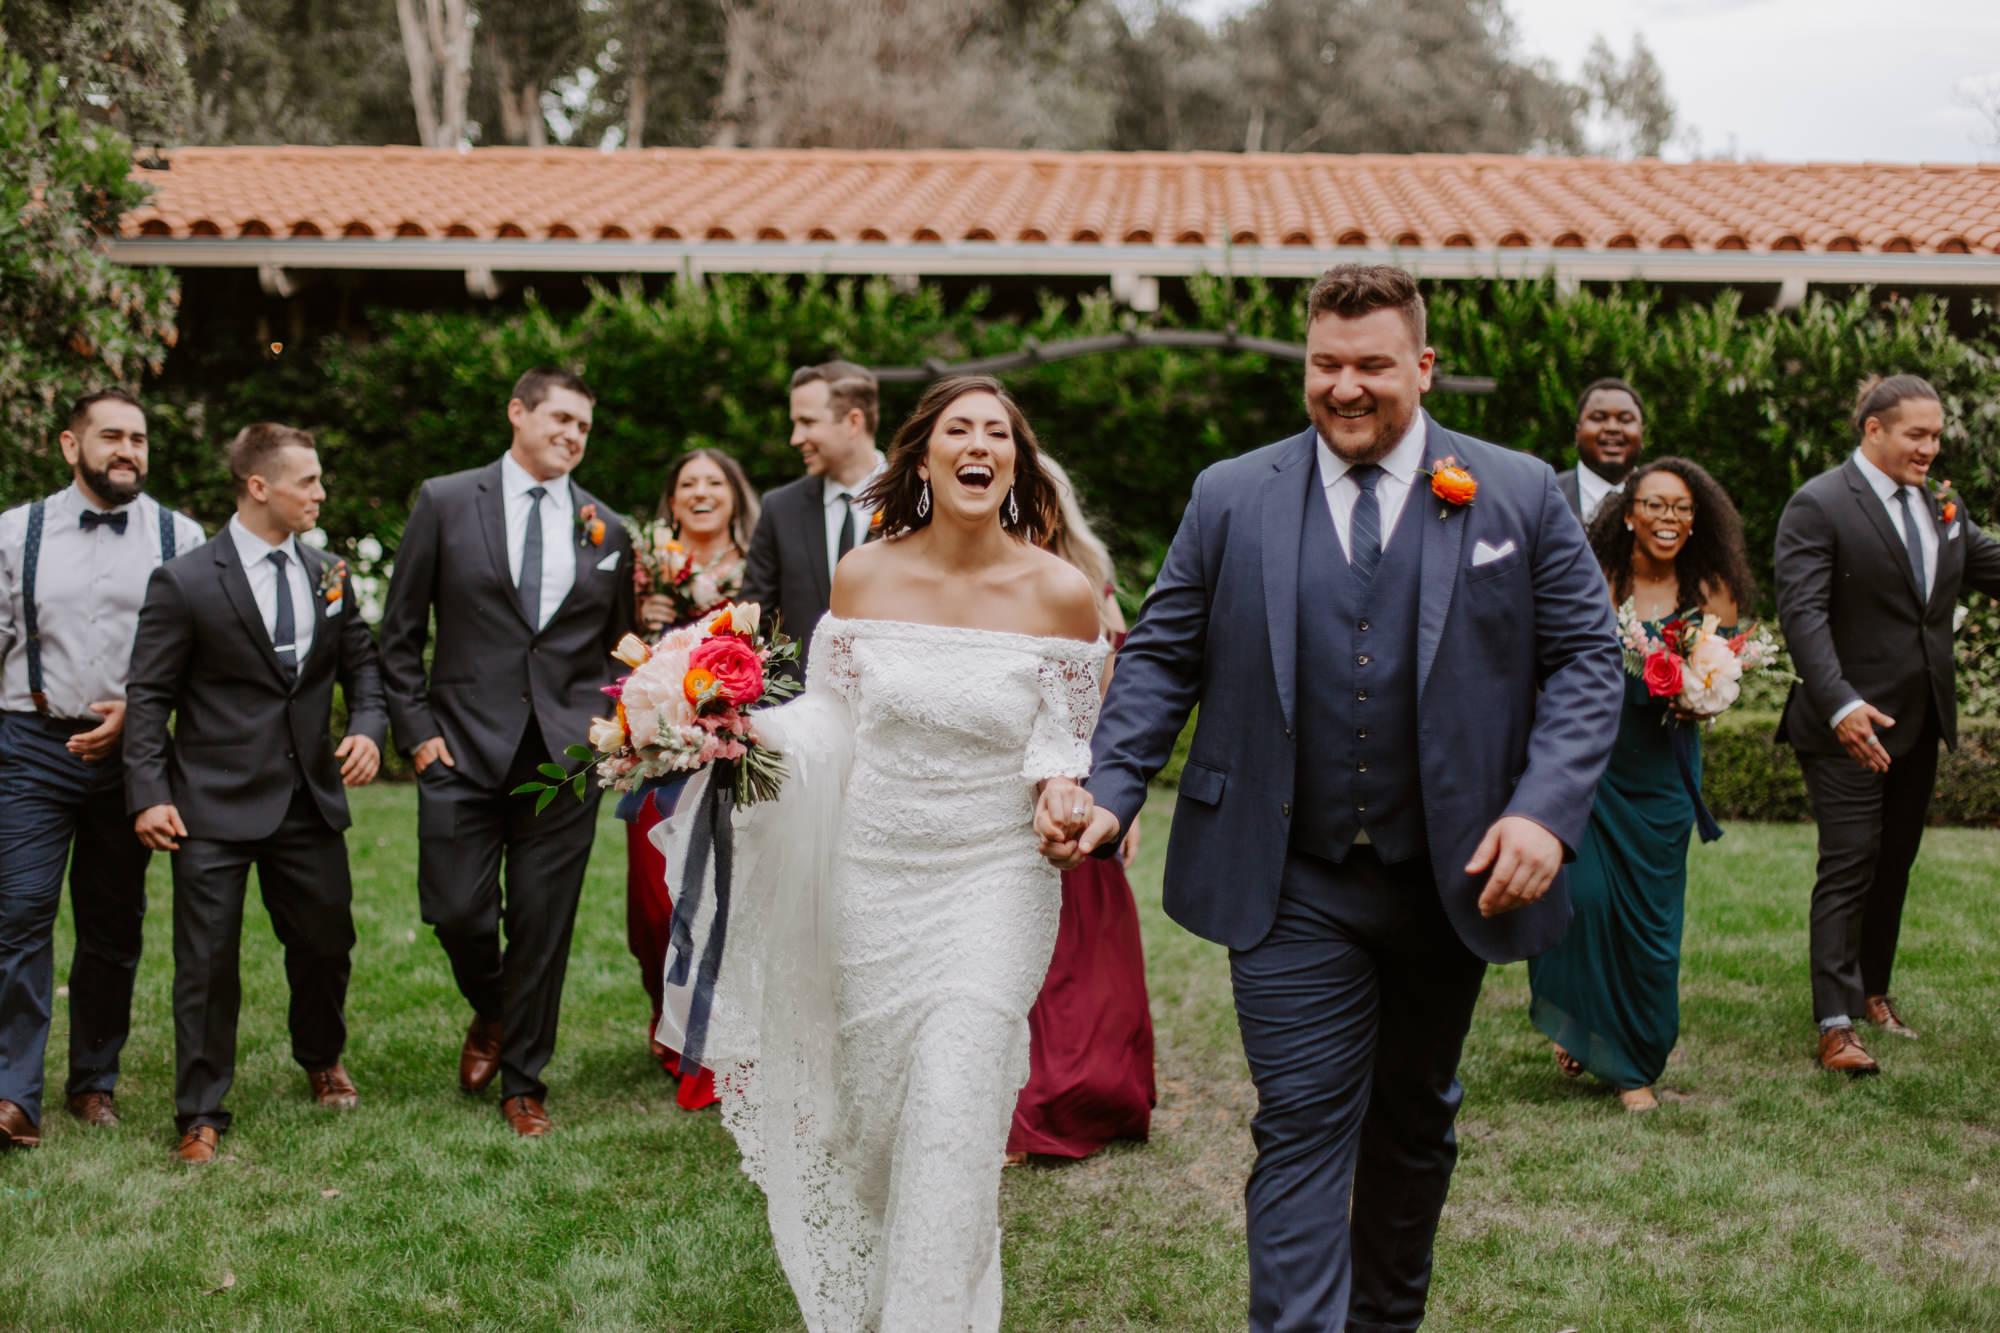 Rancho bernardo Inn san deigo wedding photography0042.jpg